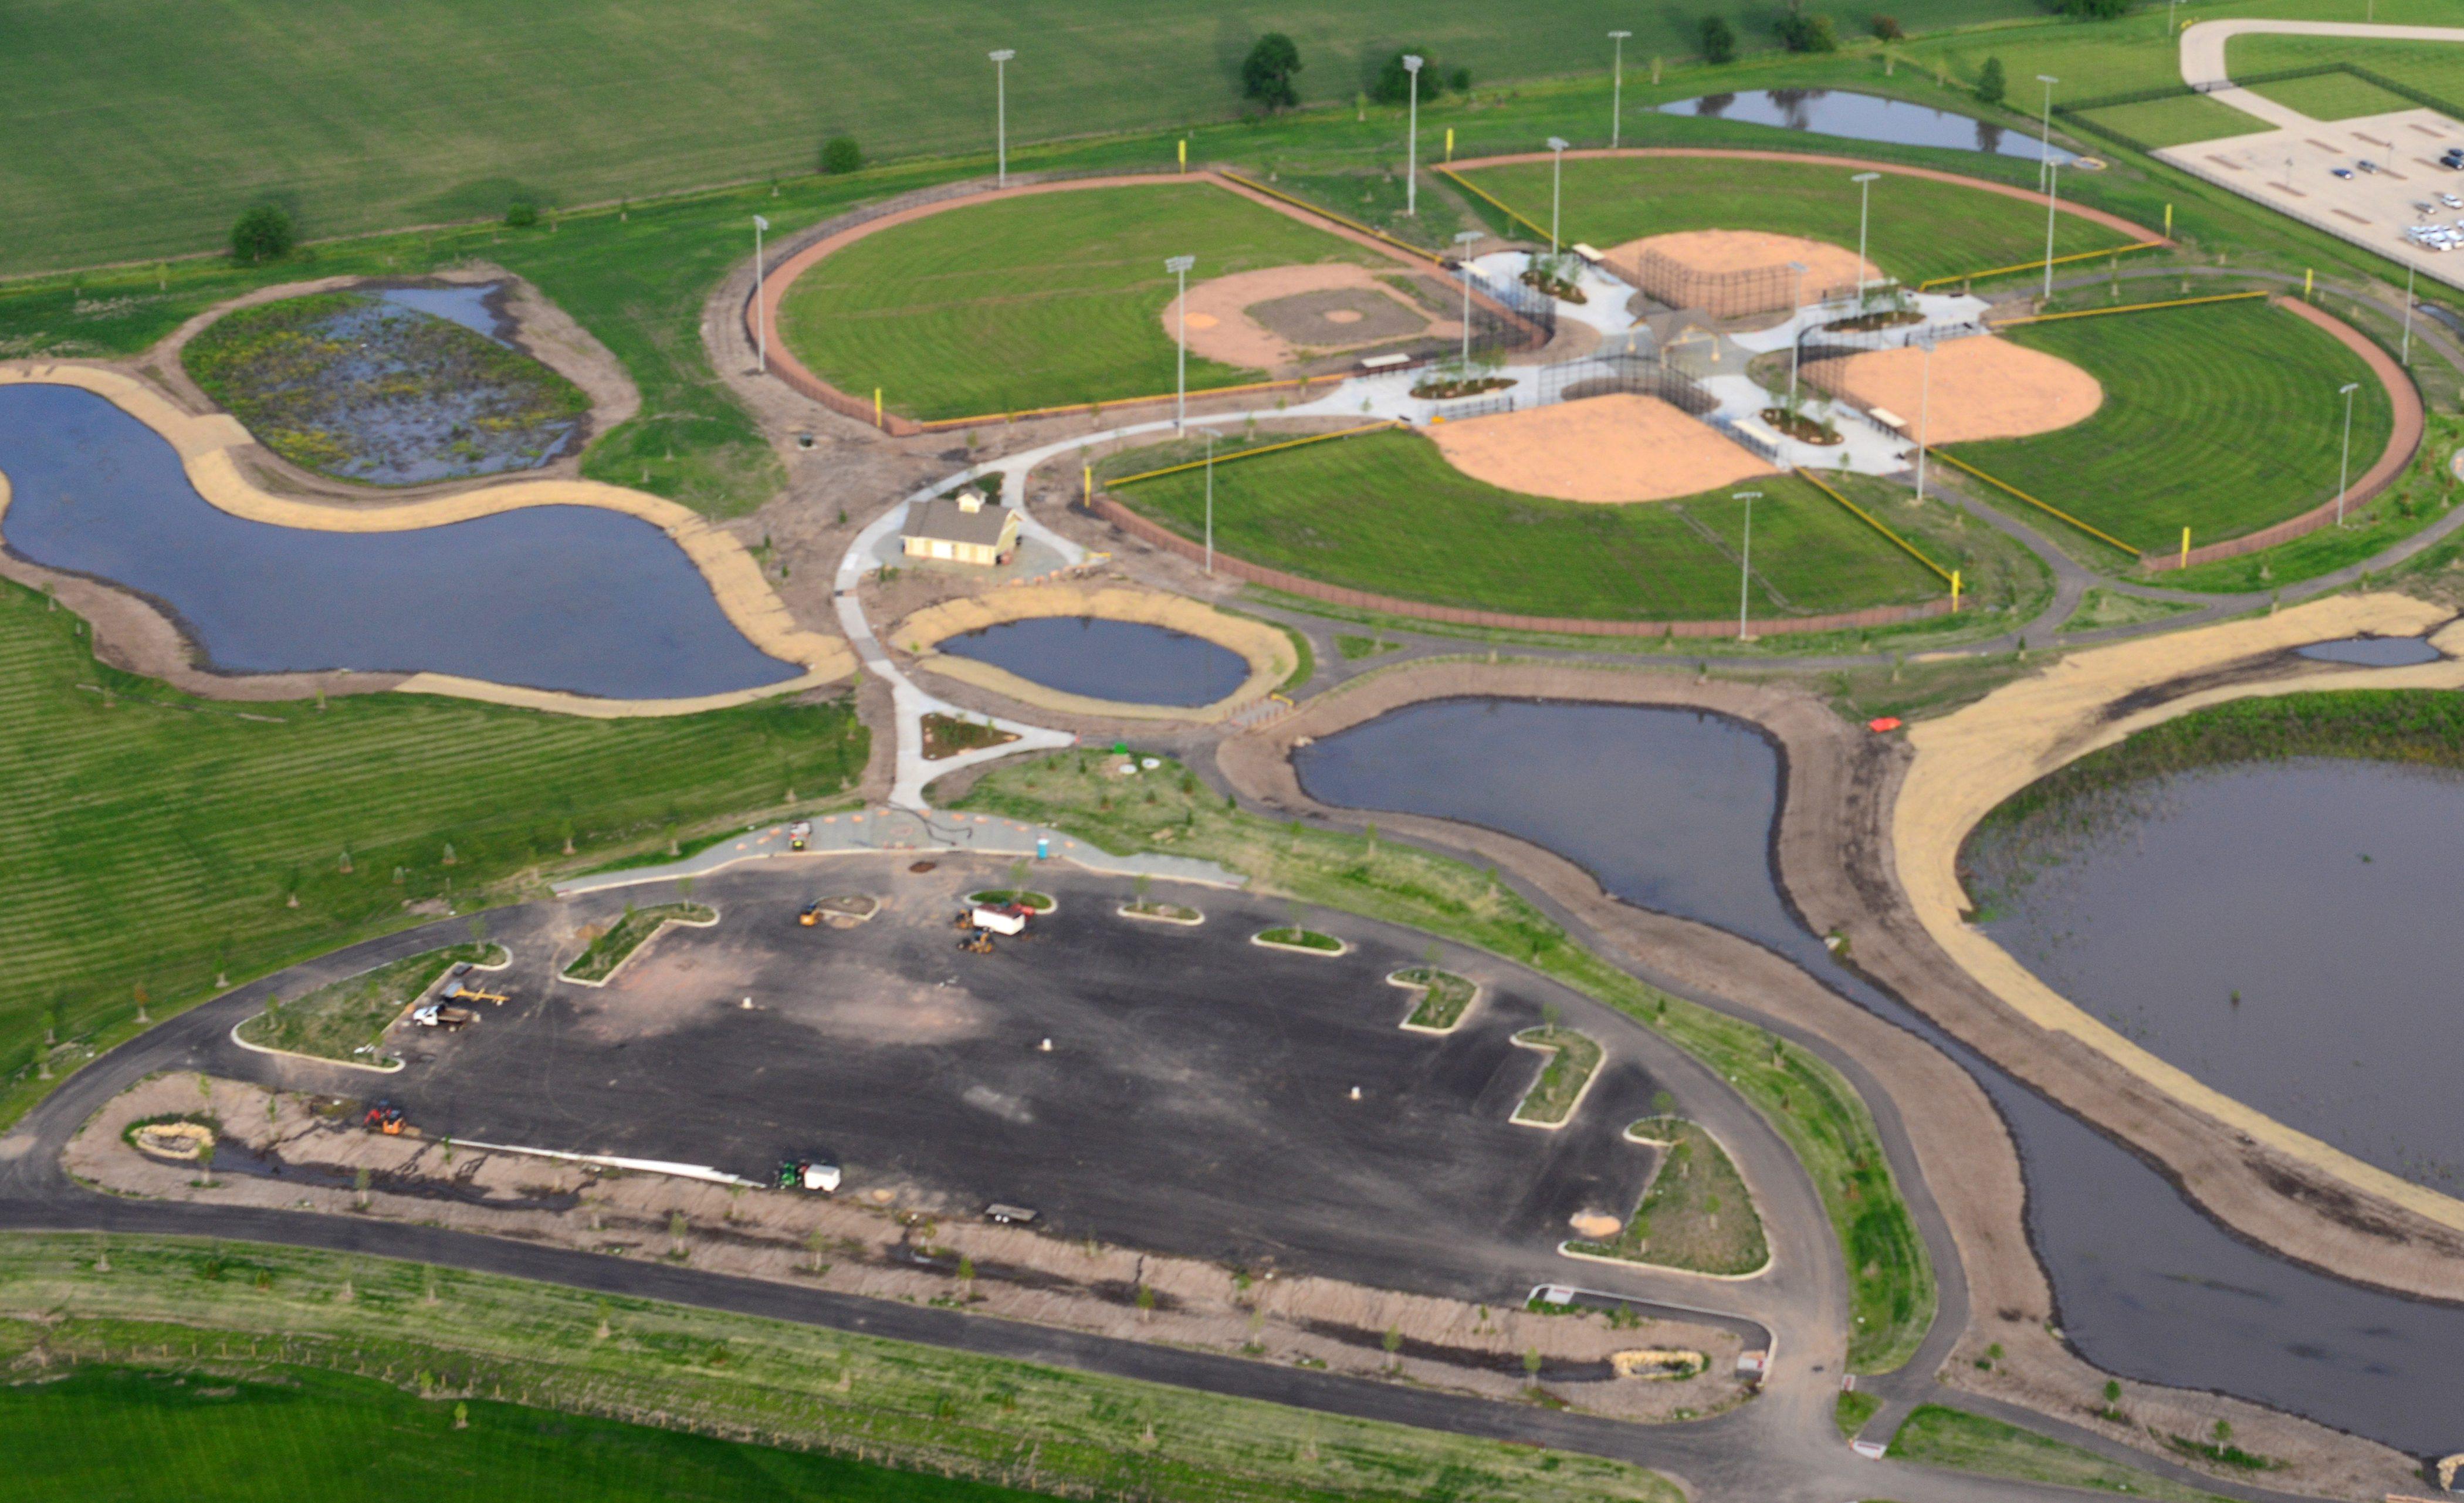 Stuart Sports Complex